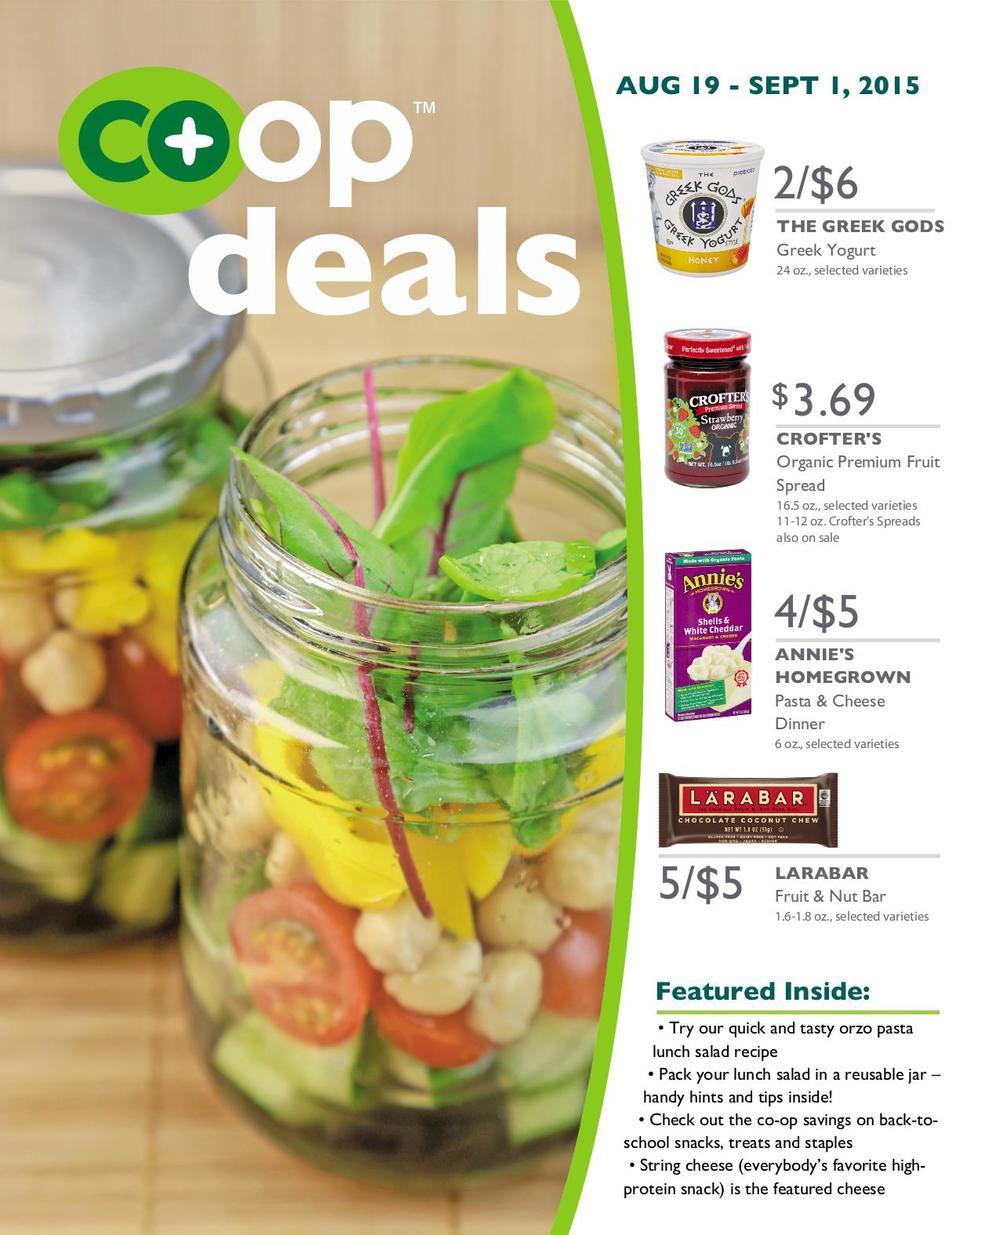 Co+op Deals,August 19 - Sept 1